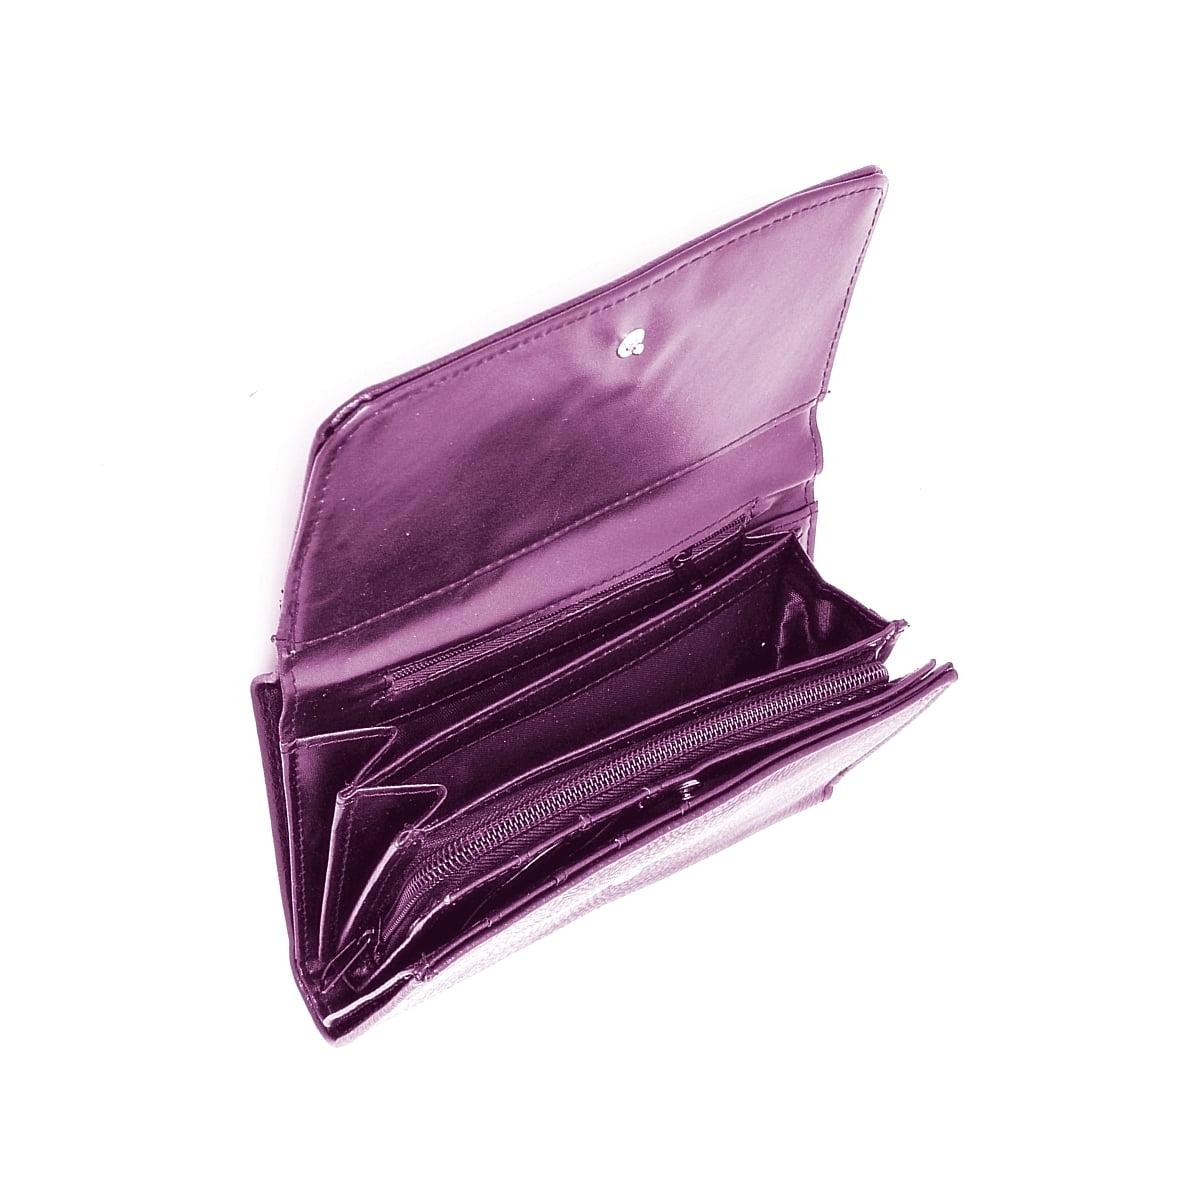 Portofel dama, mov, cu buzunar mare lateral pentru bancnote, din piele ecologica, 18/10 cm, Magrot 022